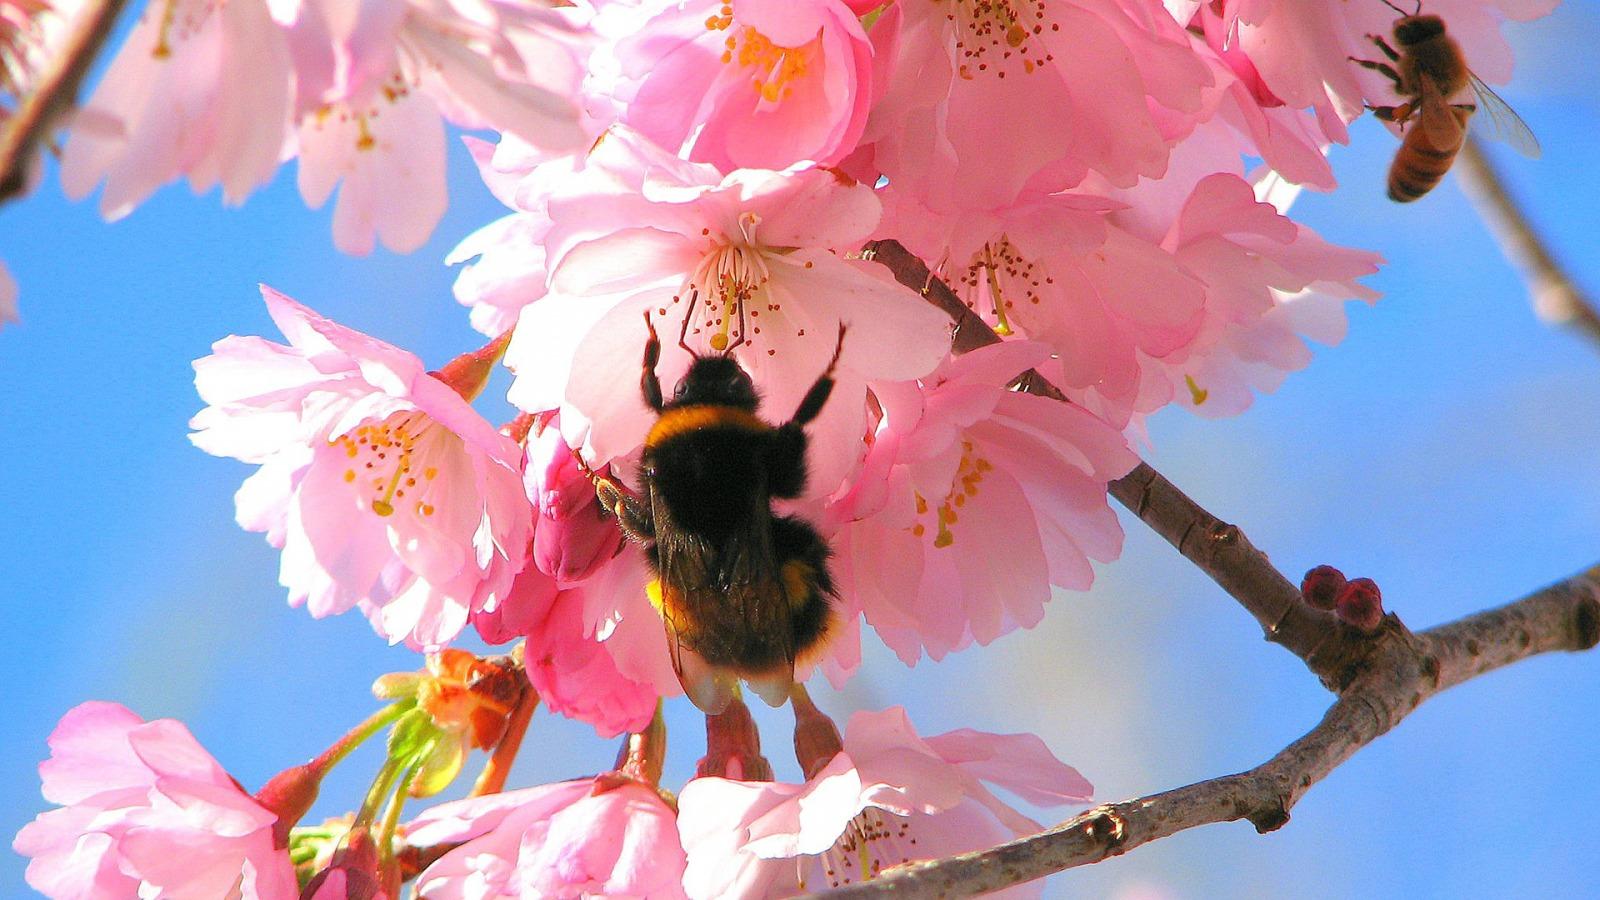 lente achtergronden hd - photo #13